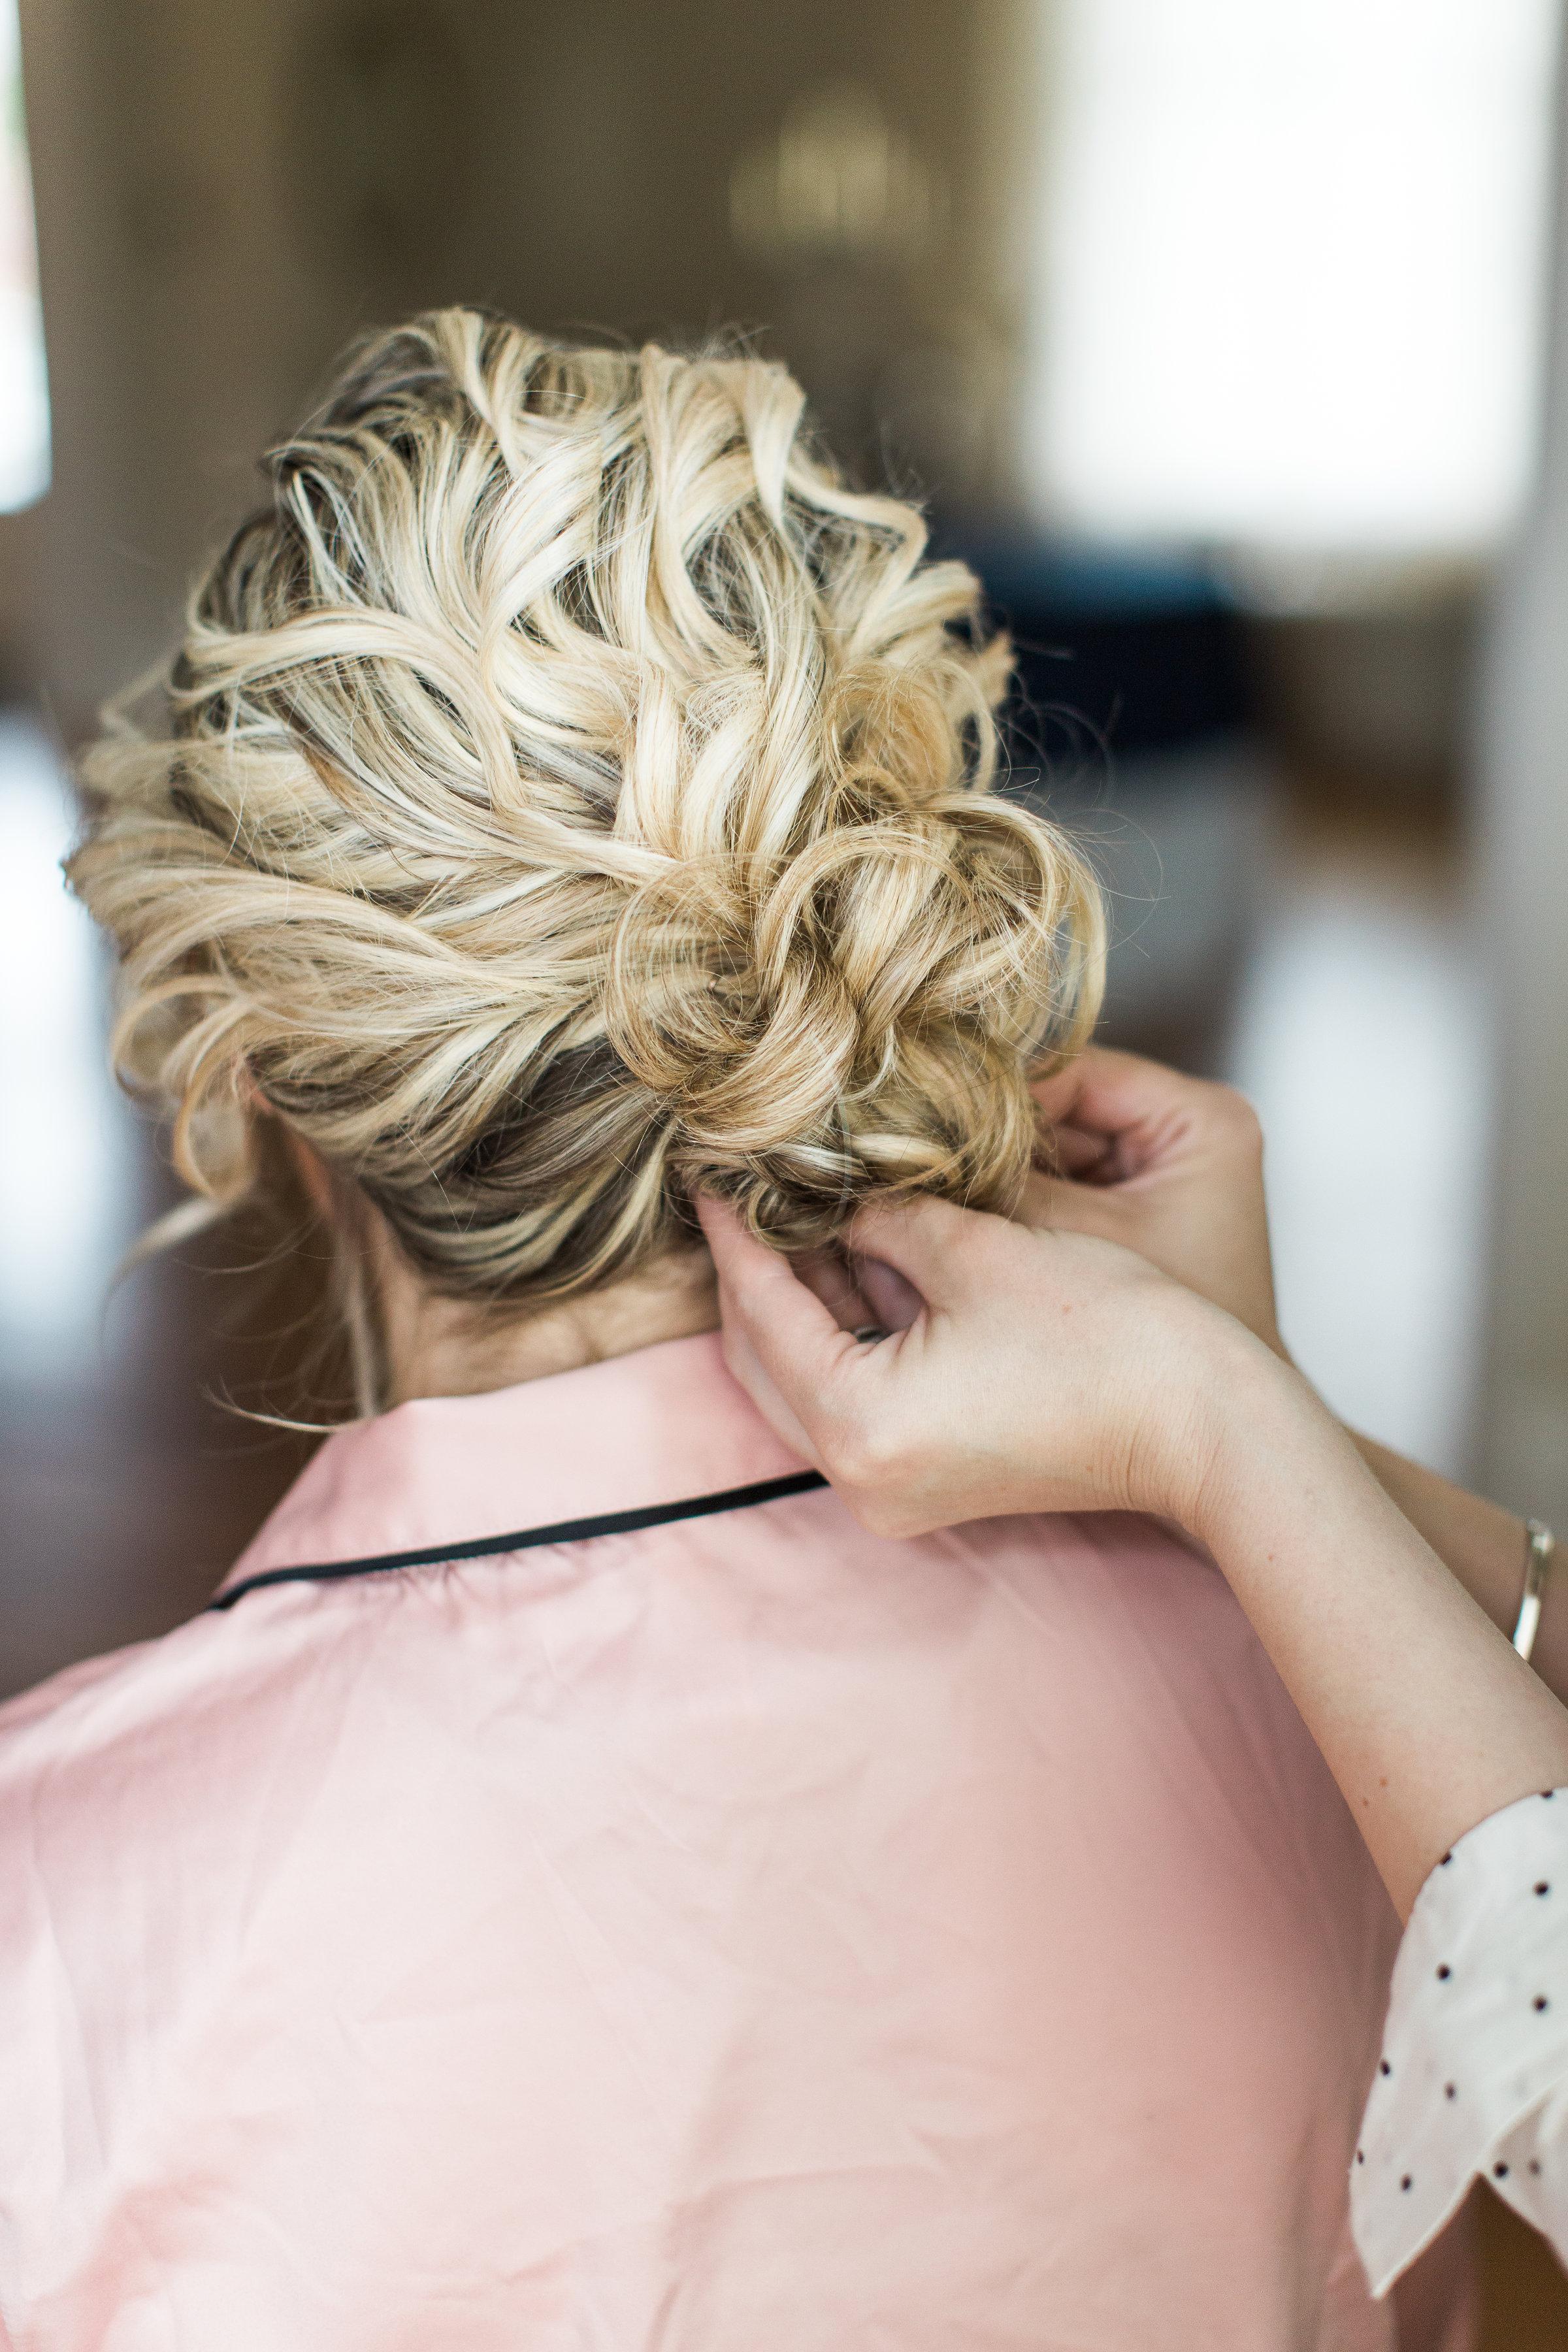 Hair by WINK Hair + Makeup